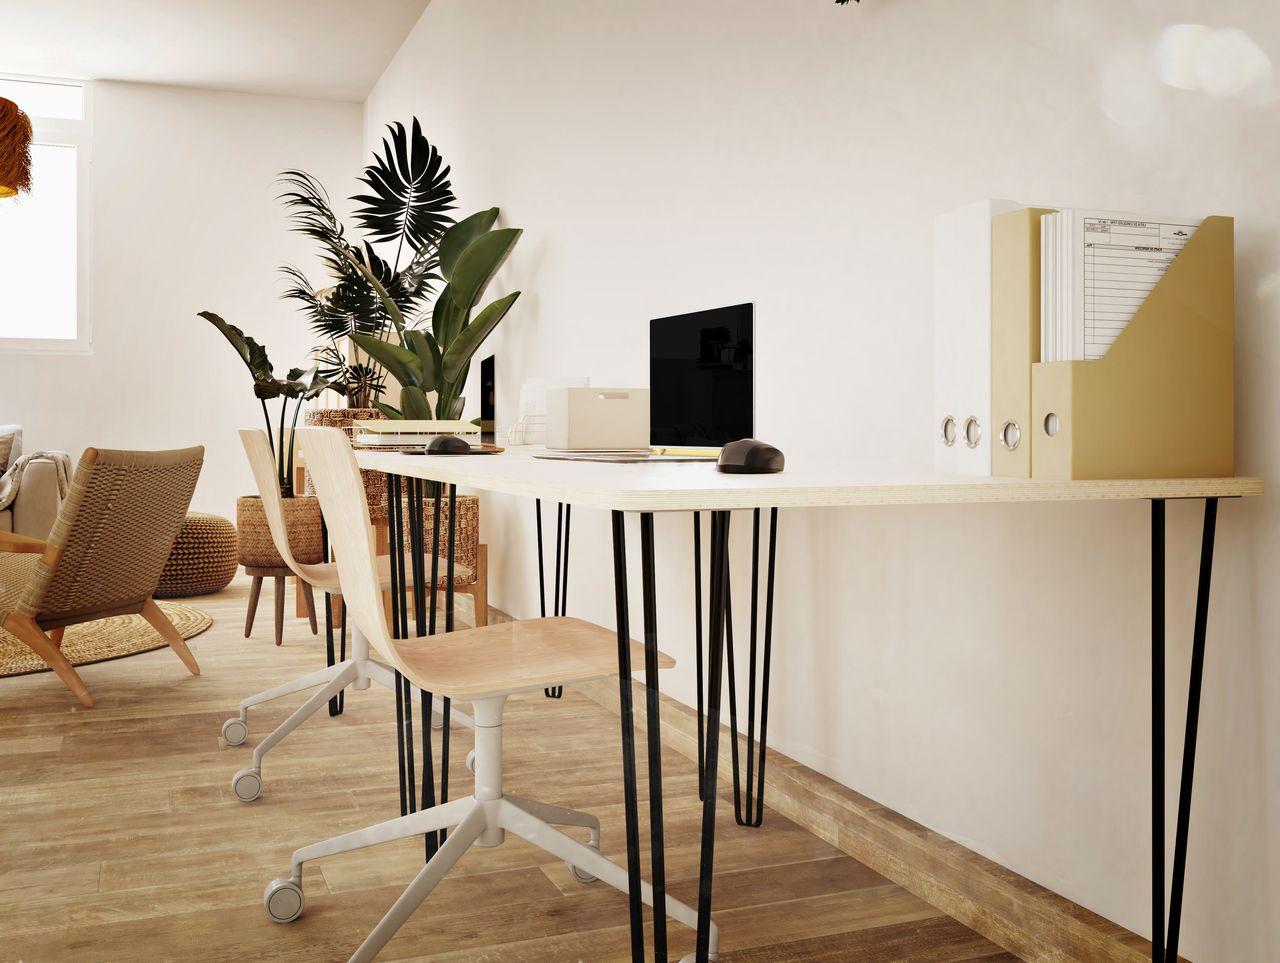 Bureau en bois et pieds en métal contre un mur avec un ordinateur, dans un espace de travail au style bohème avec des plantes et des meubles en osier